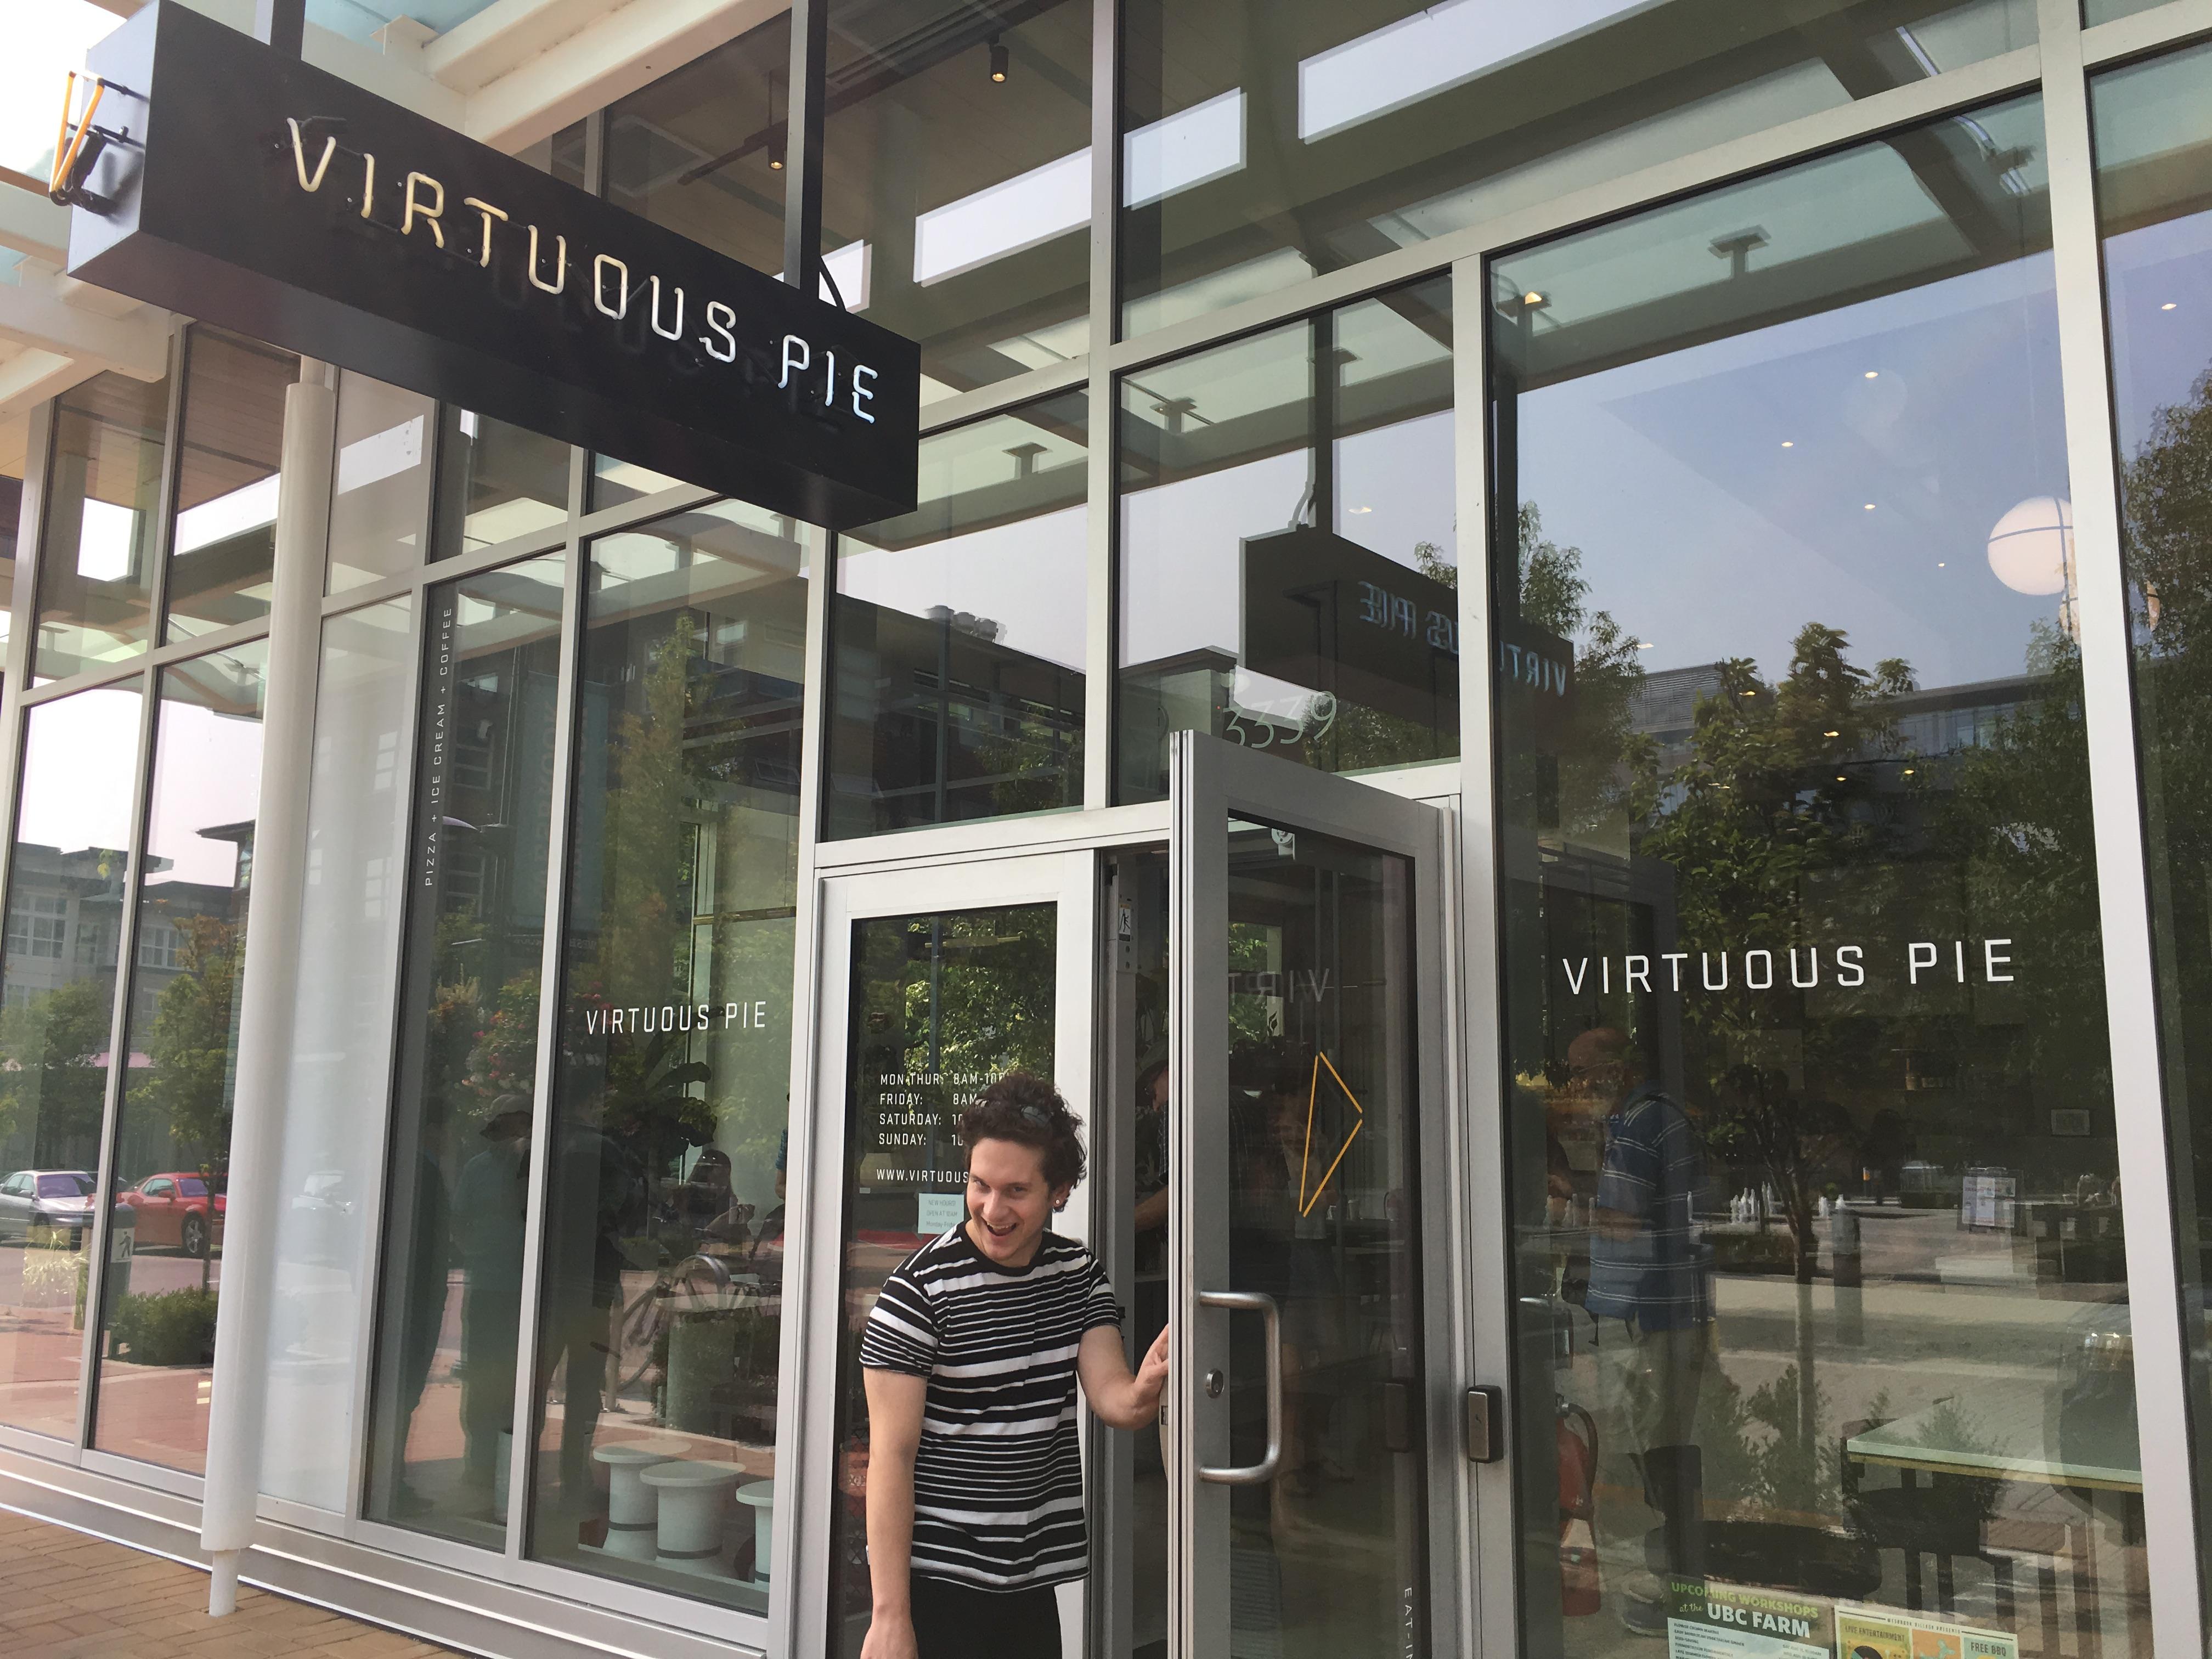 student entering virtuous pie